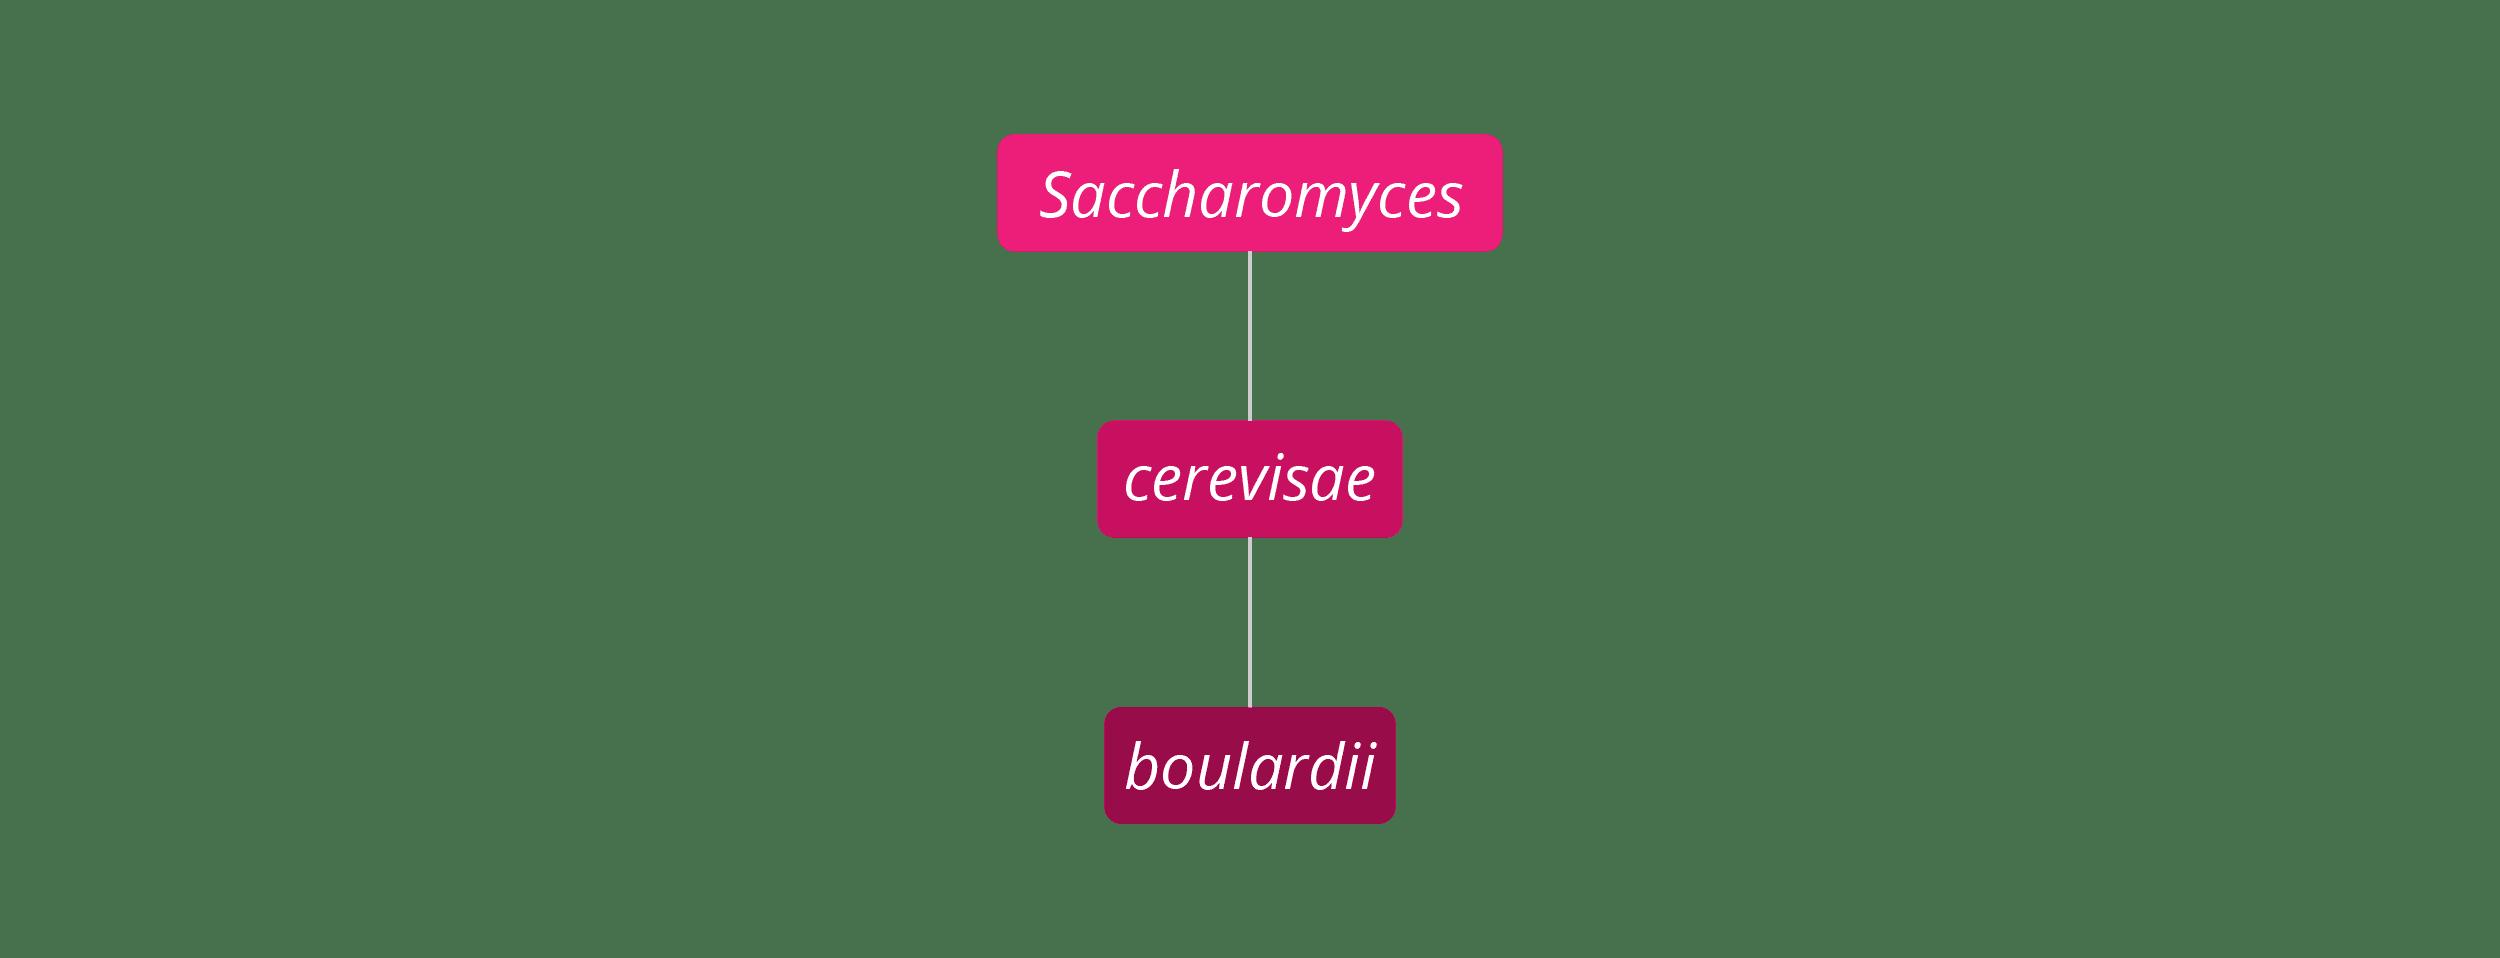 Saccharomyces boulardii strain family